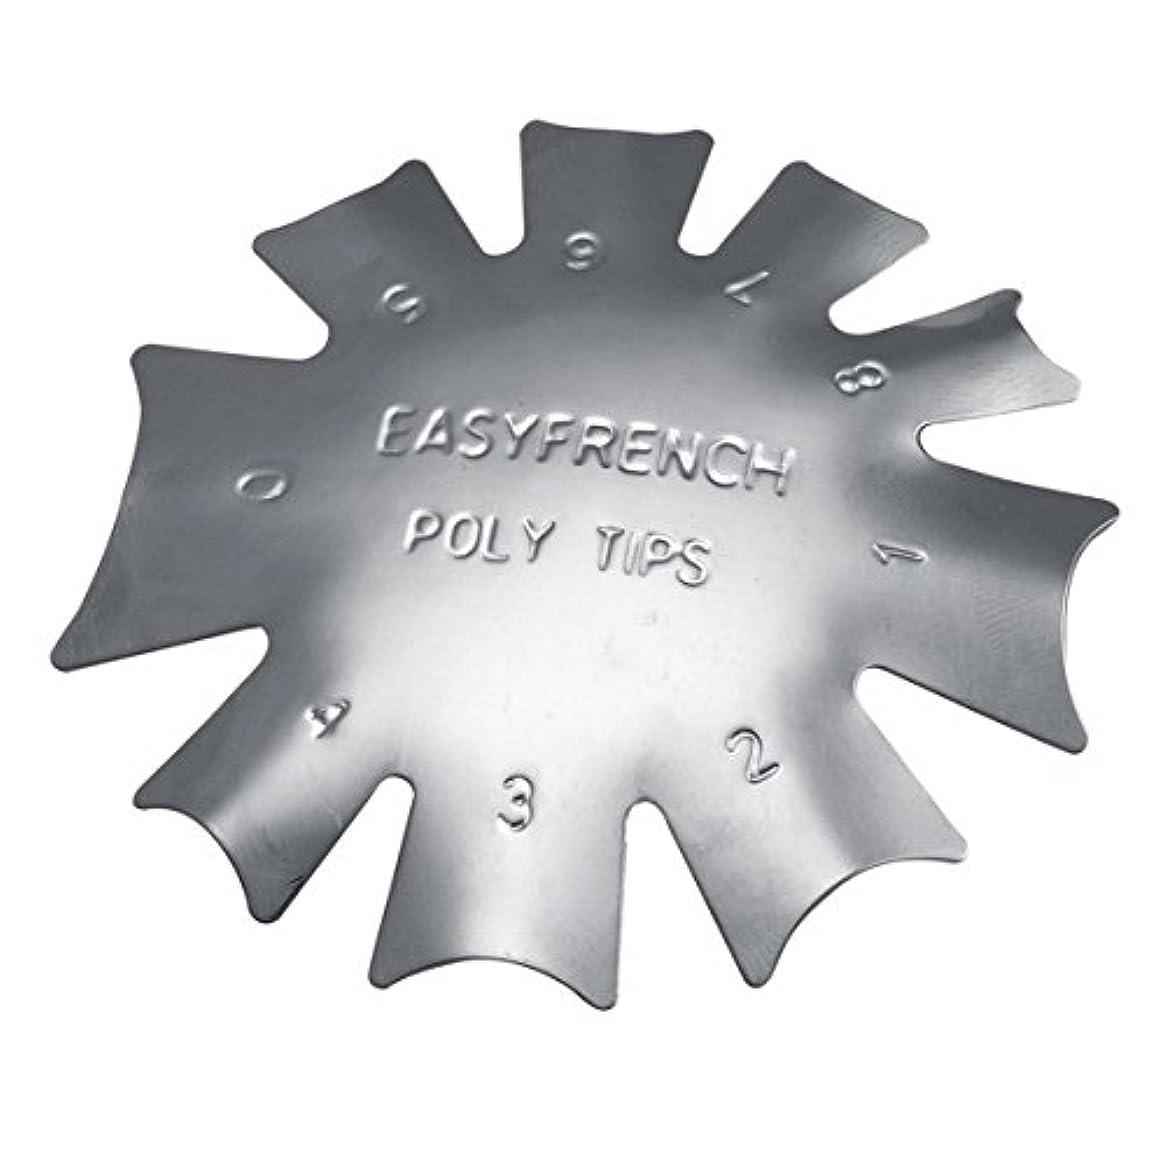 致命的矩形宙返り3ピース/セット丈夫な金属ステンレス鋼フレンチマニキュアモデリング整形プレートクリスタルネイル作りスタンピングプレート(シルバー)